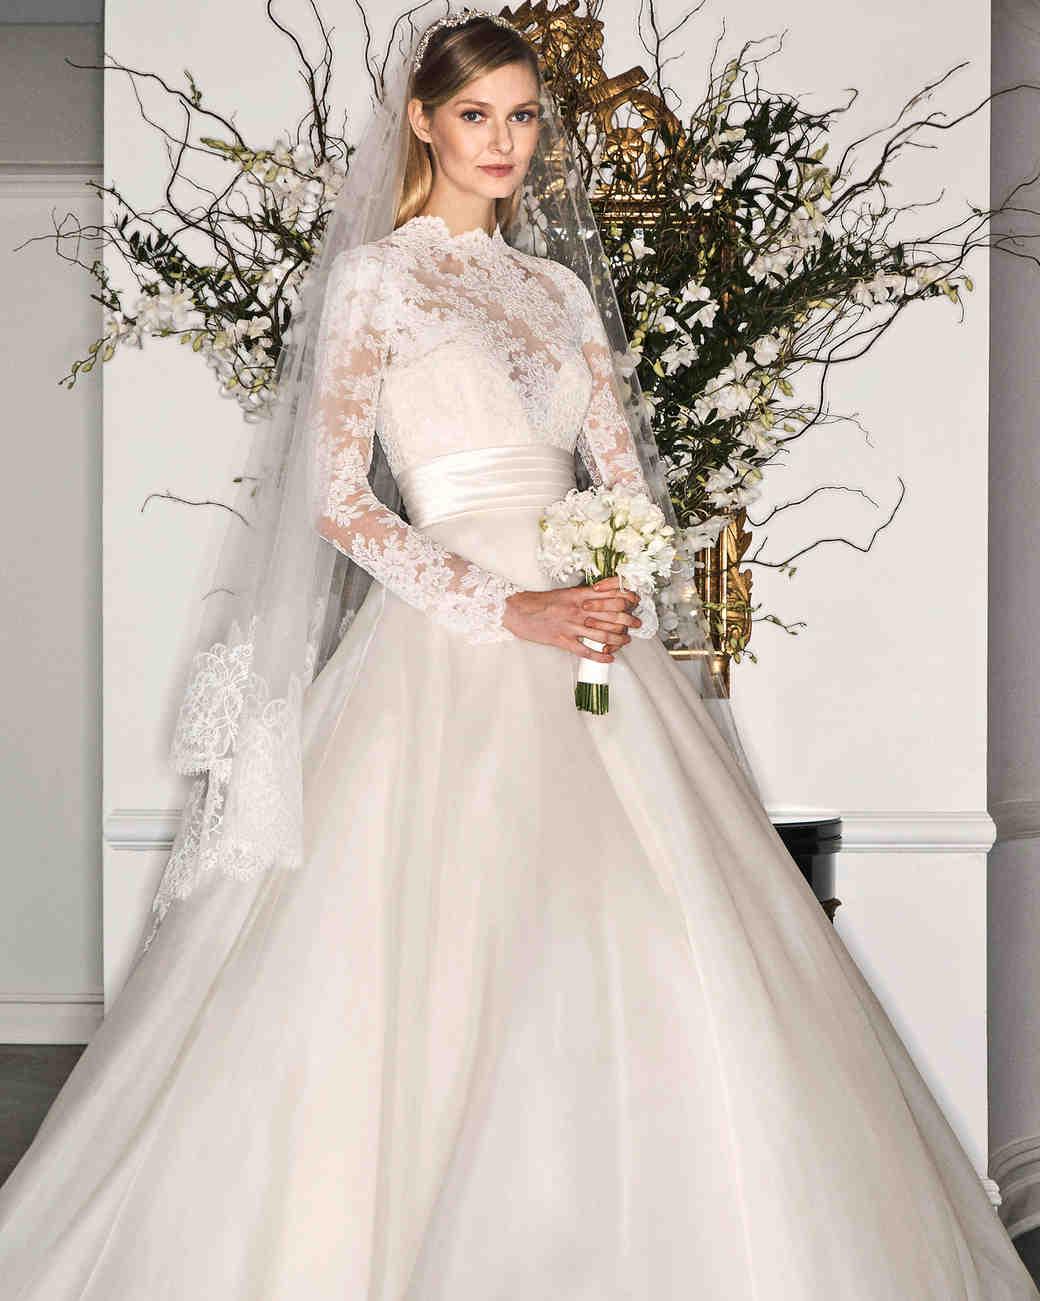 Audrey Hepburn Inspired Wedding Dresses 20 Amazing Legends Romona Keveza Fall